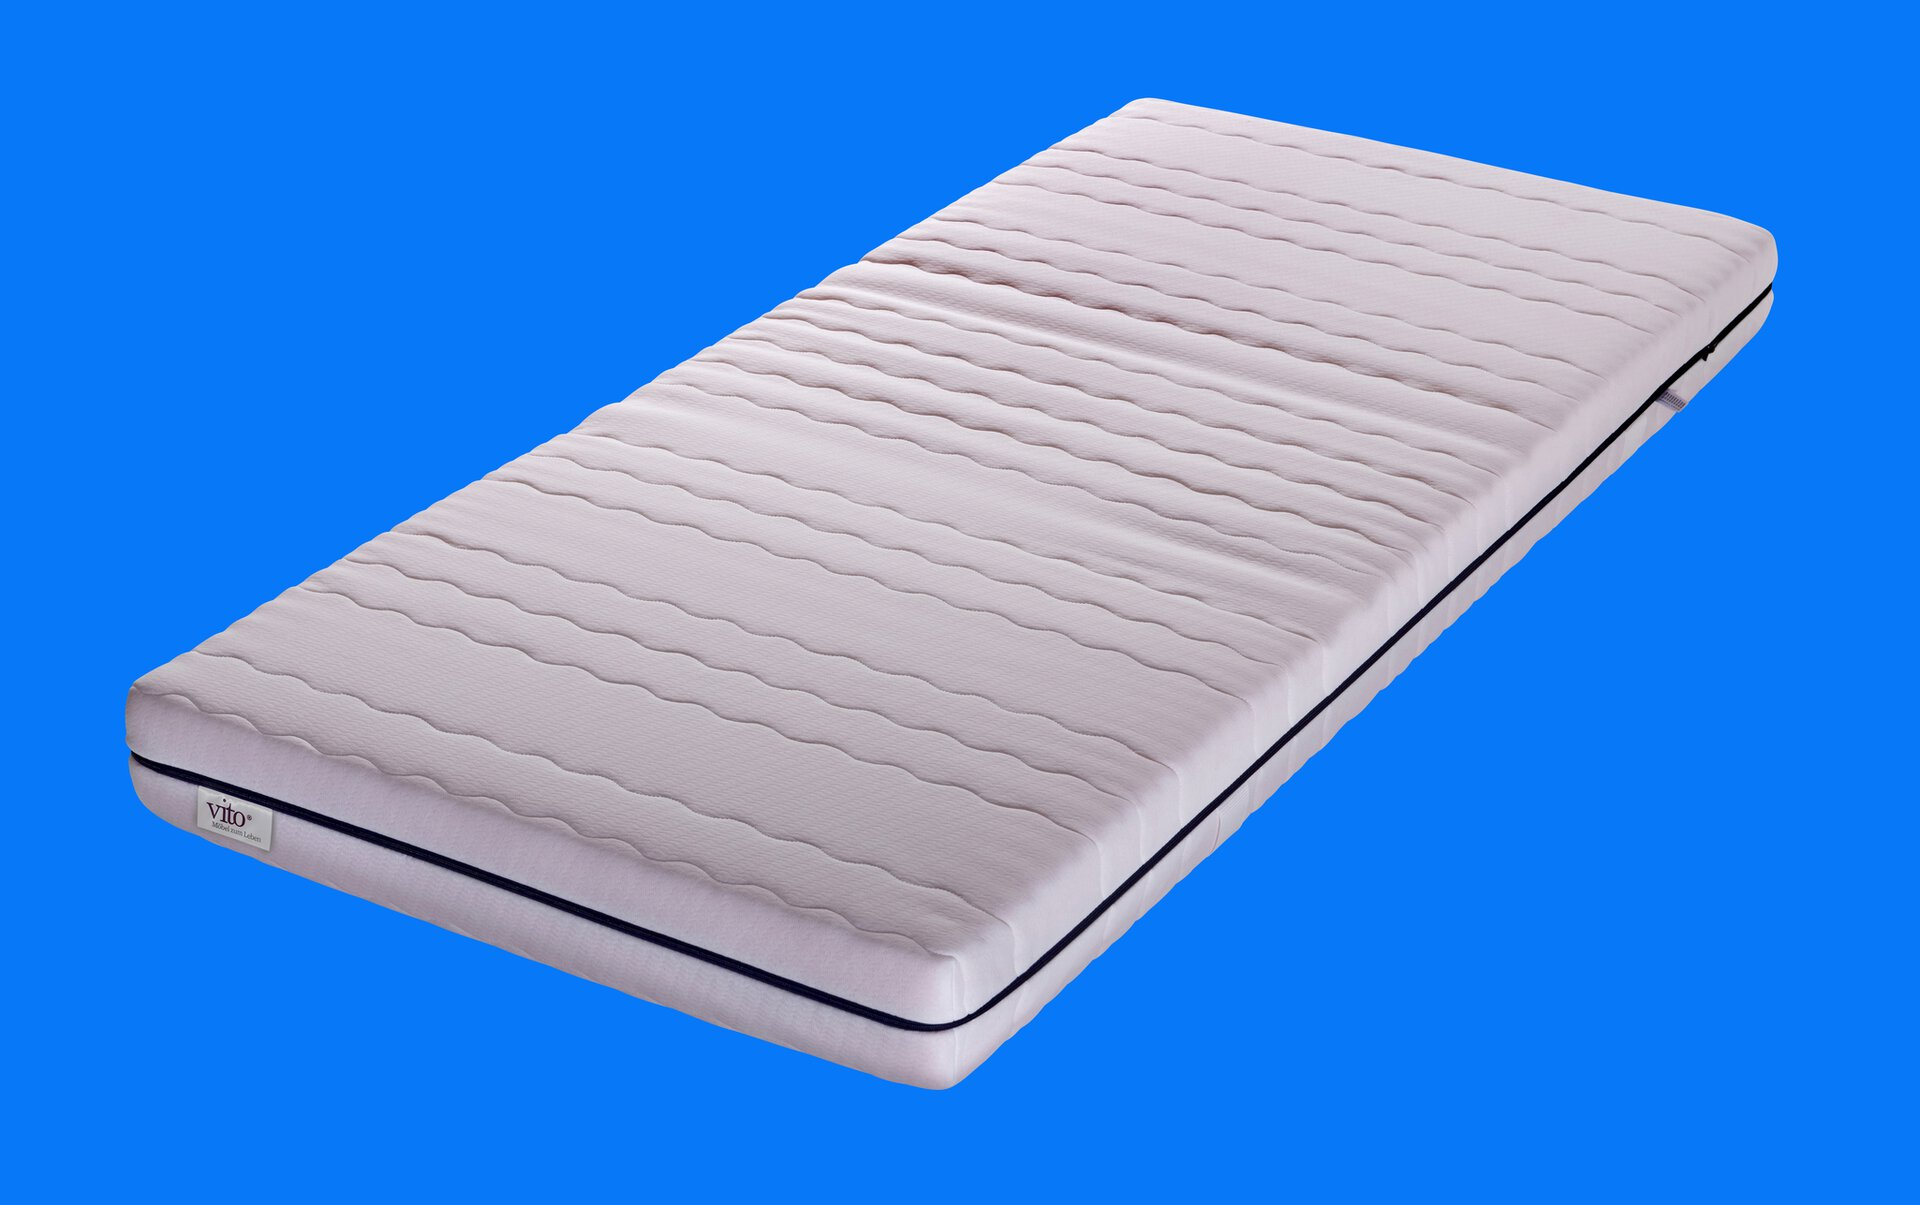 Komfortschaummatratze Sensio Prime Vito Textil weiß 90 x 16 x 200 cm